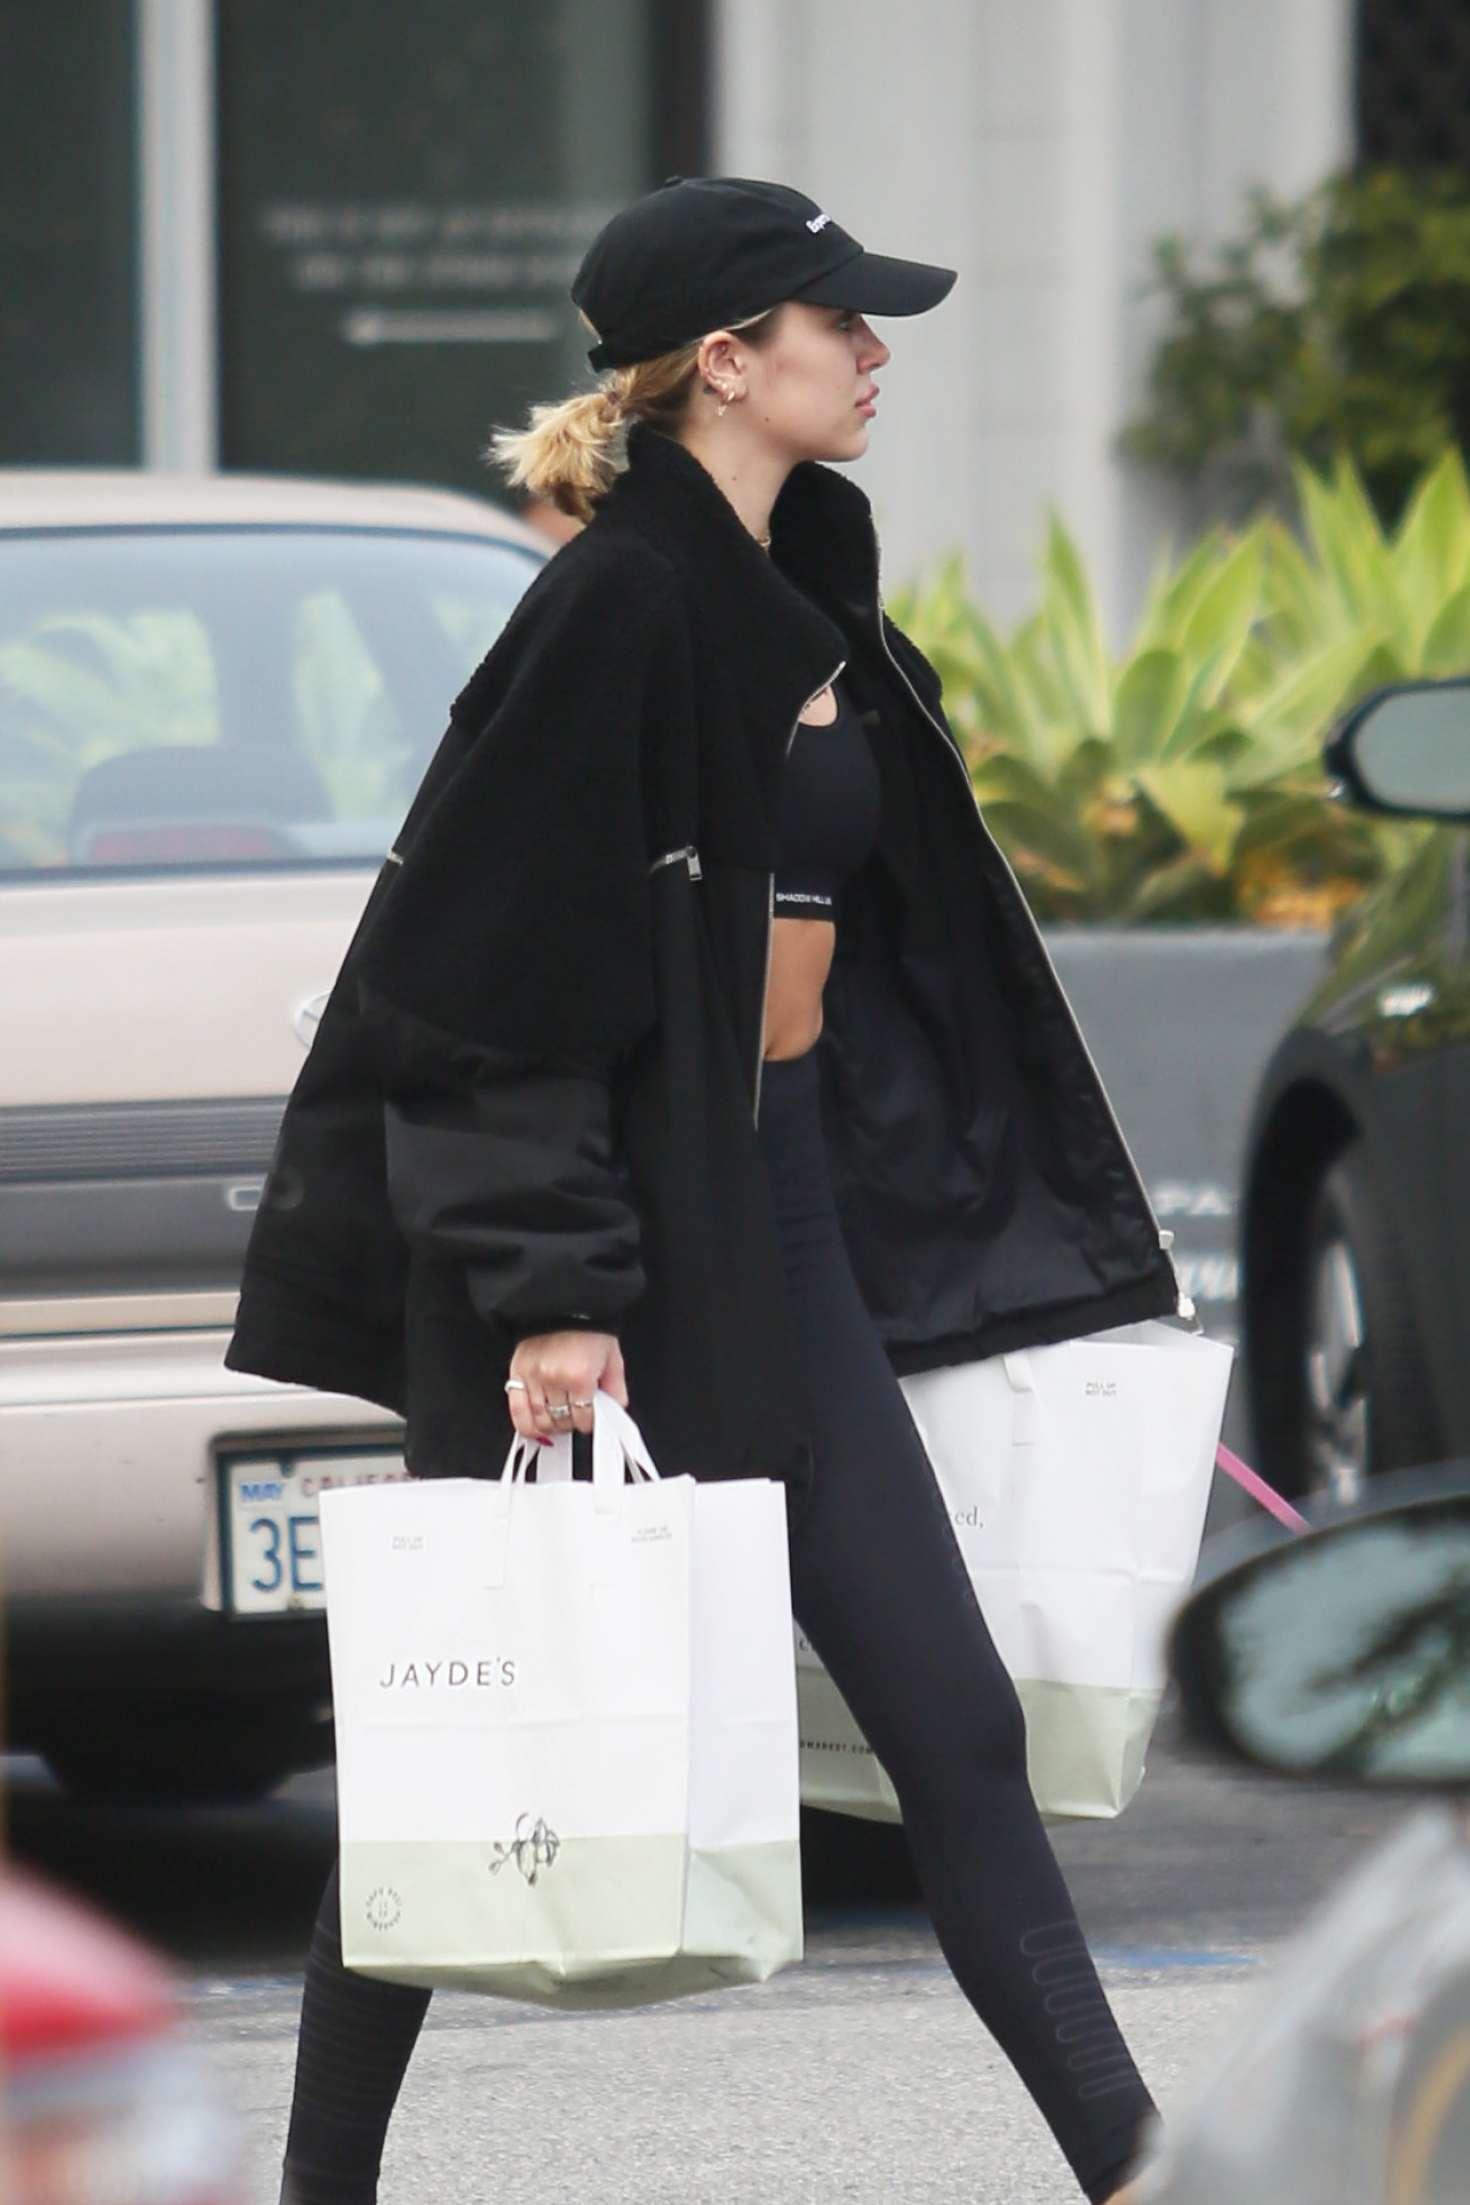 Delilah Hamlin 2019 : Delilah Hamlin: Shopping at Jaydes Market -03